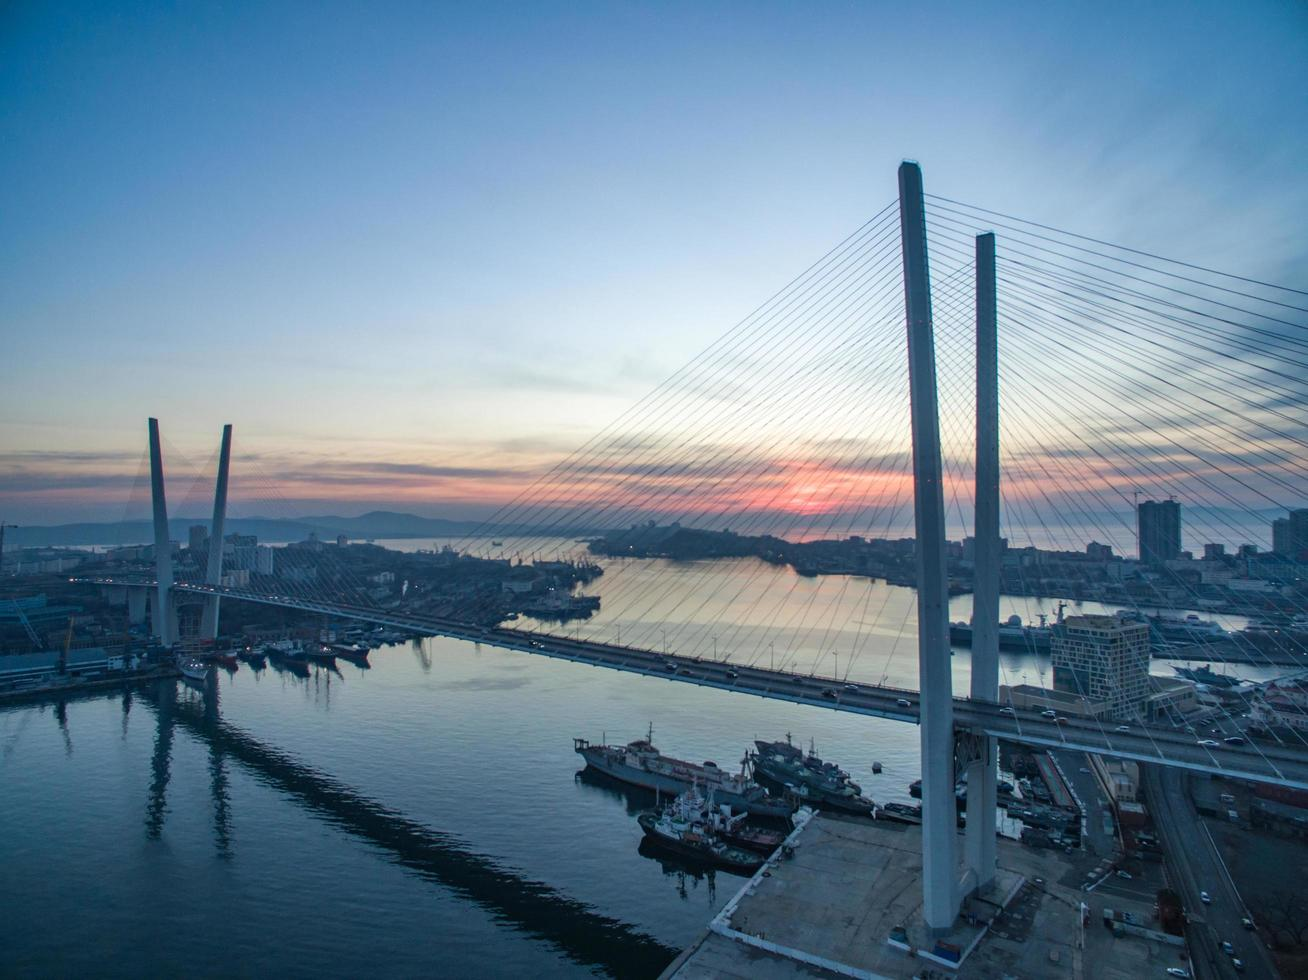 zolotoy brug en water tegen bewolkte avondrood in Vladivostok, Rusland foto